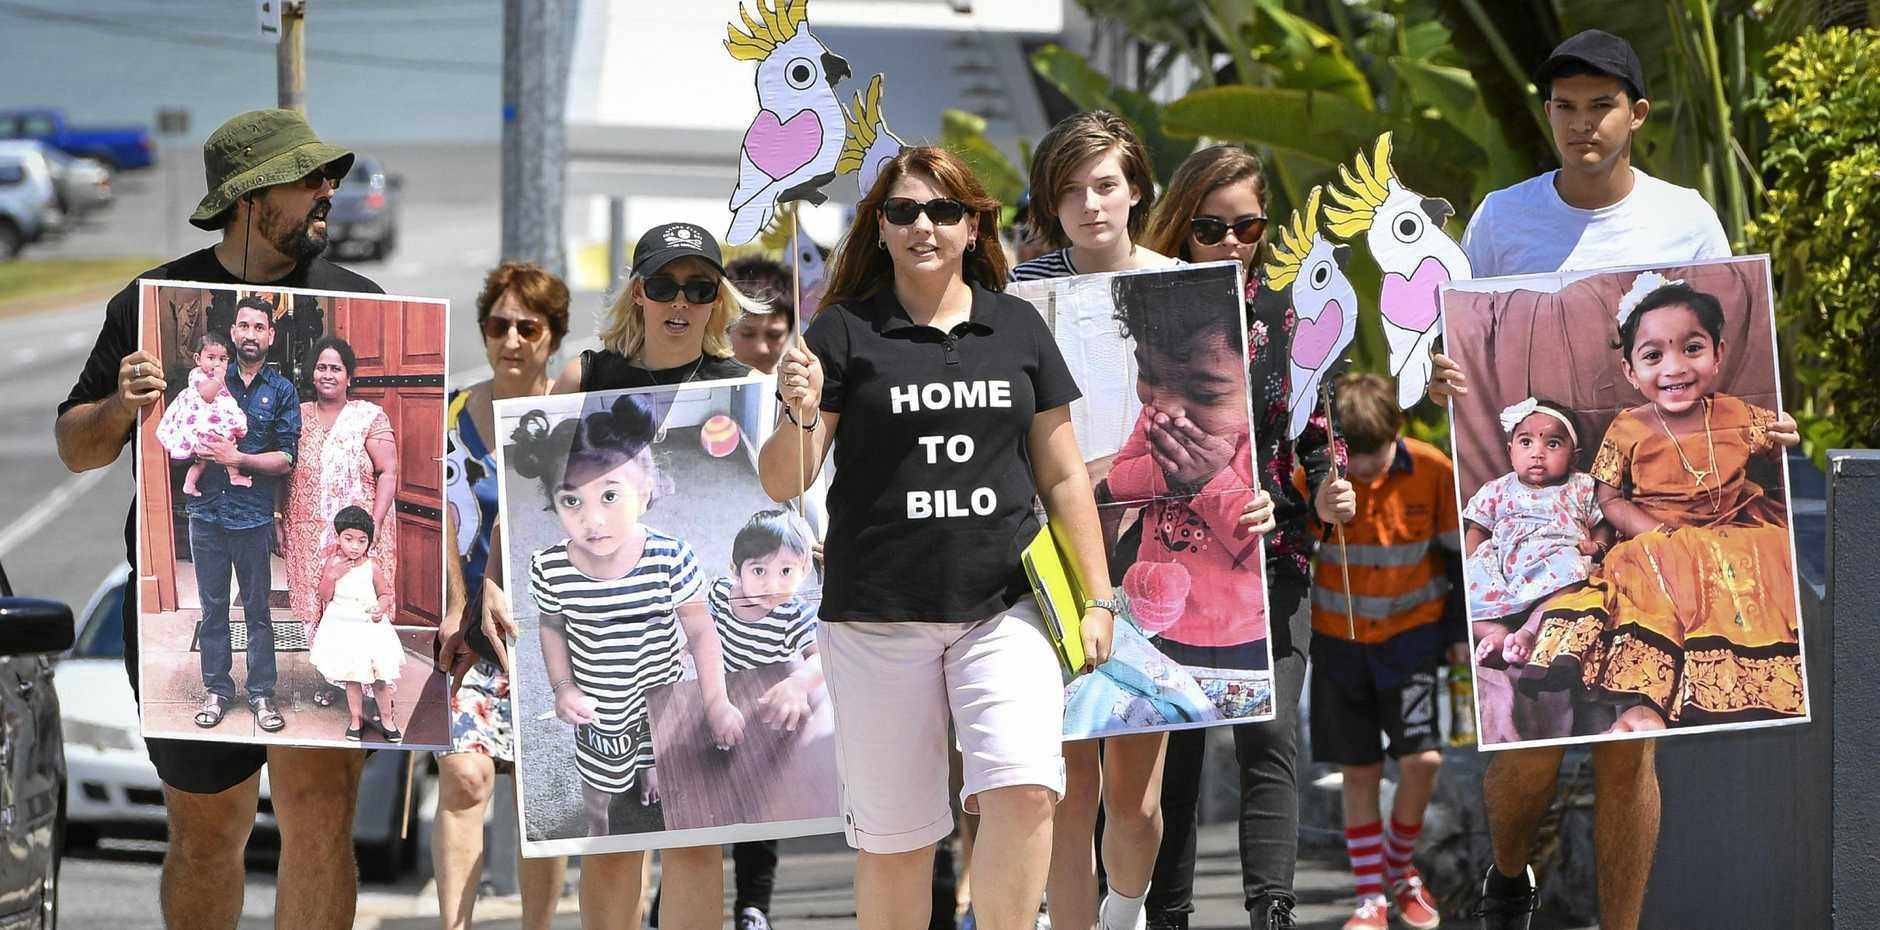 Home to Bilo campaign organiser Angela Fredericks.